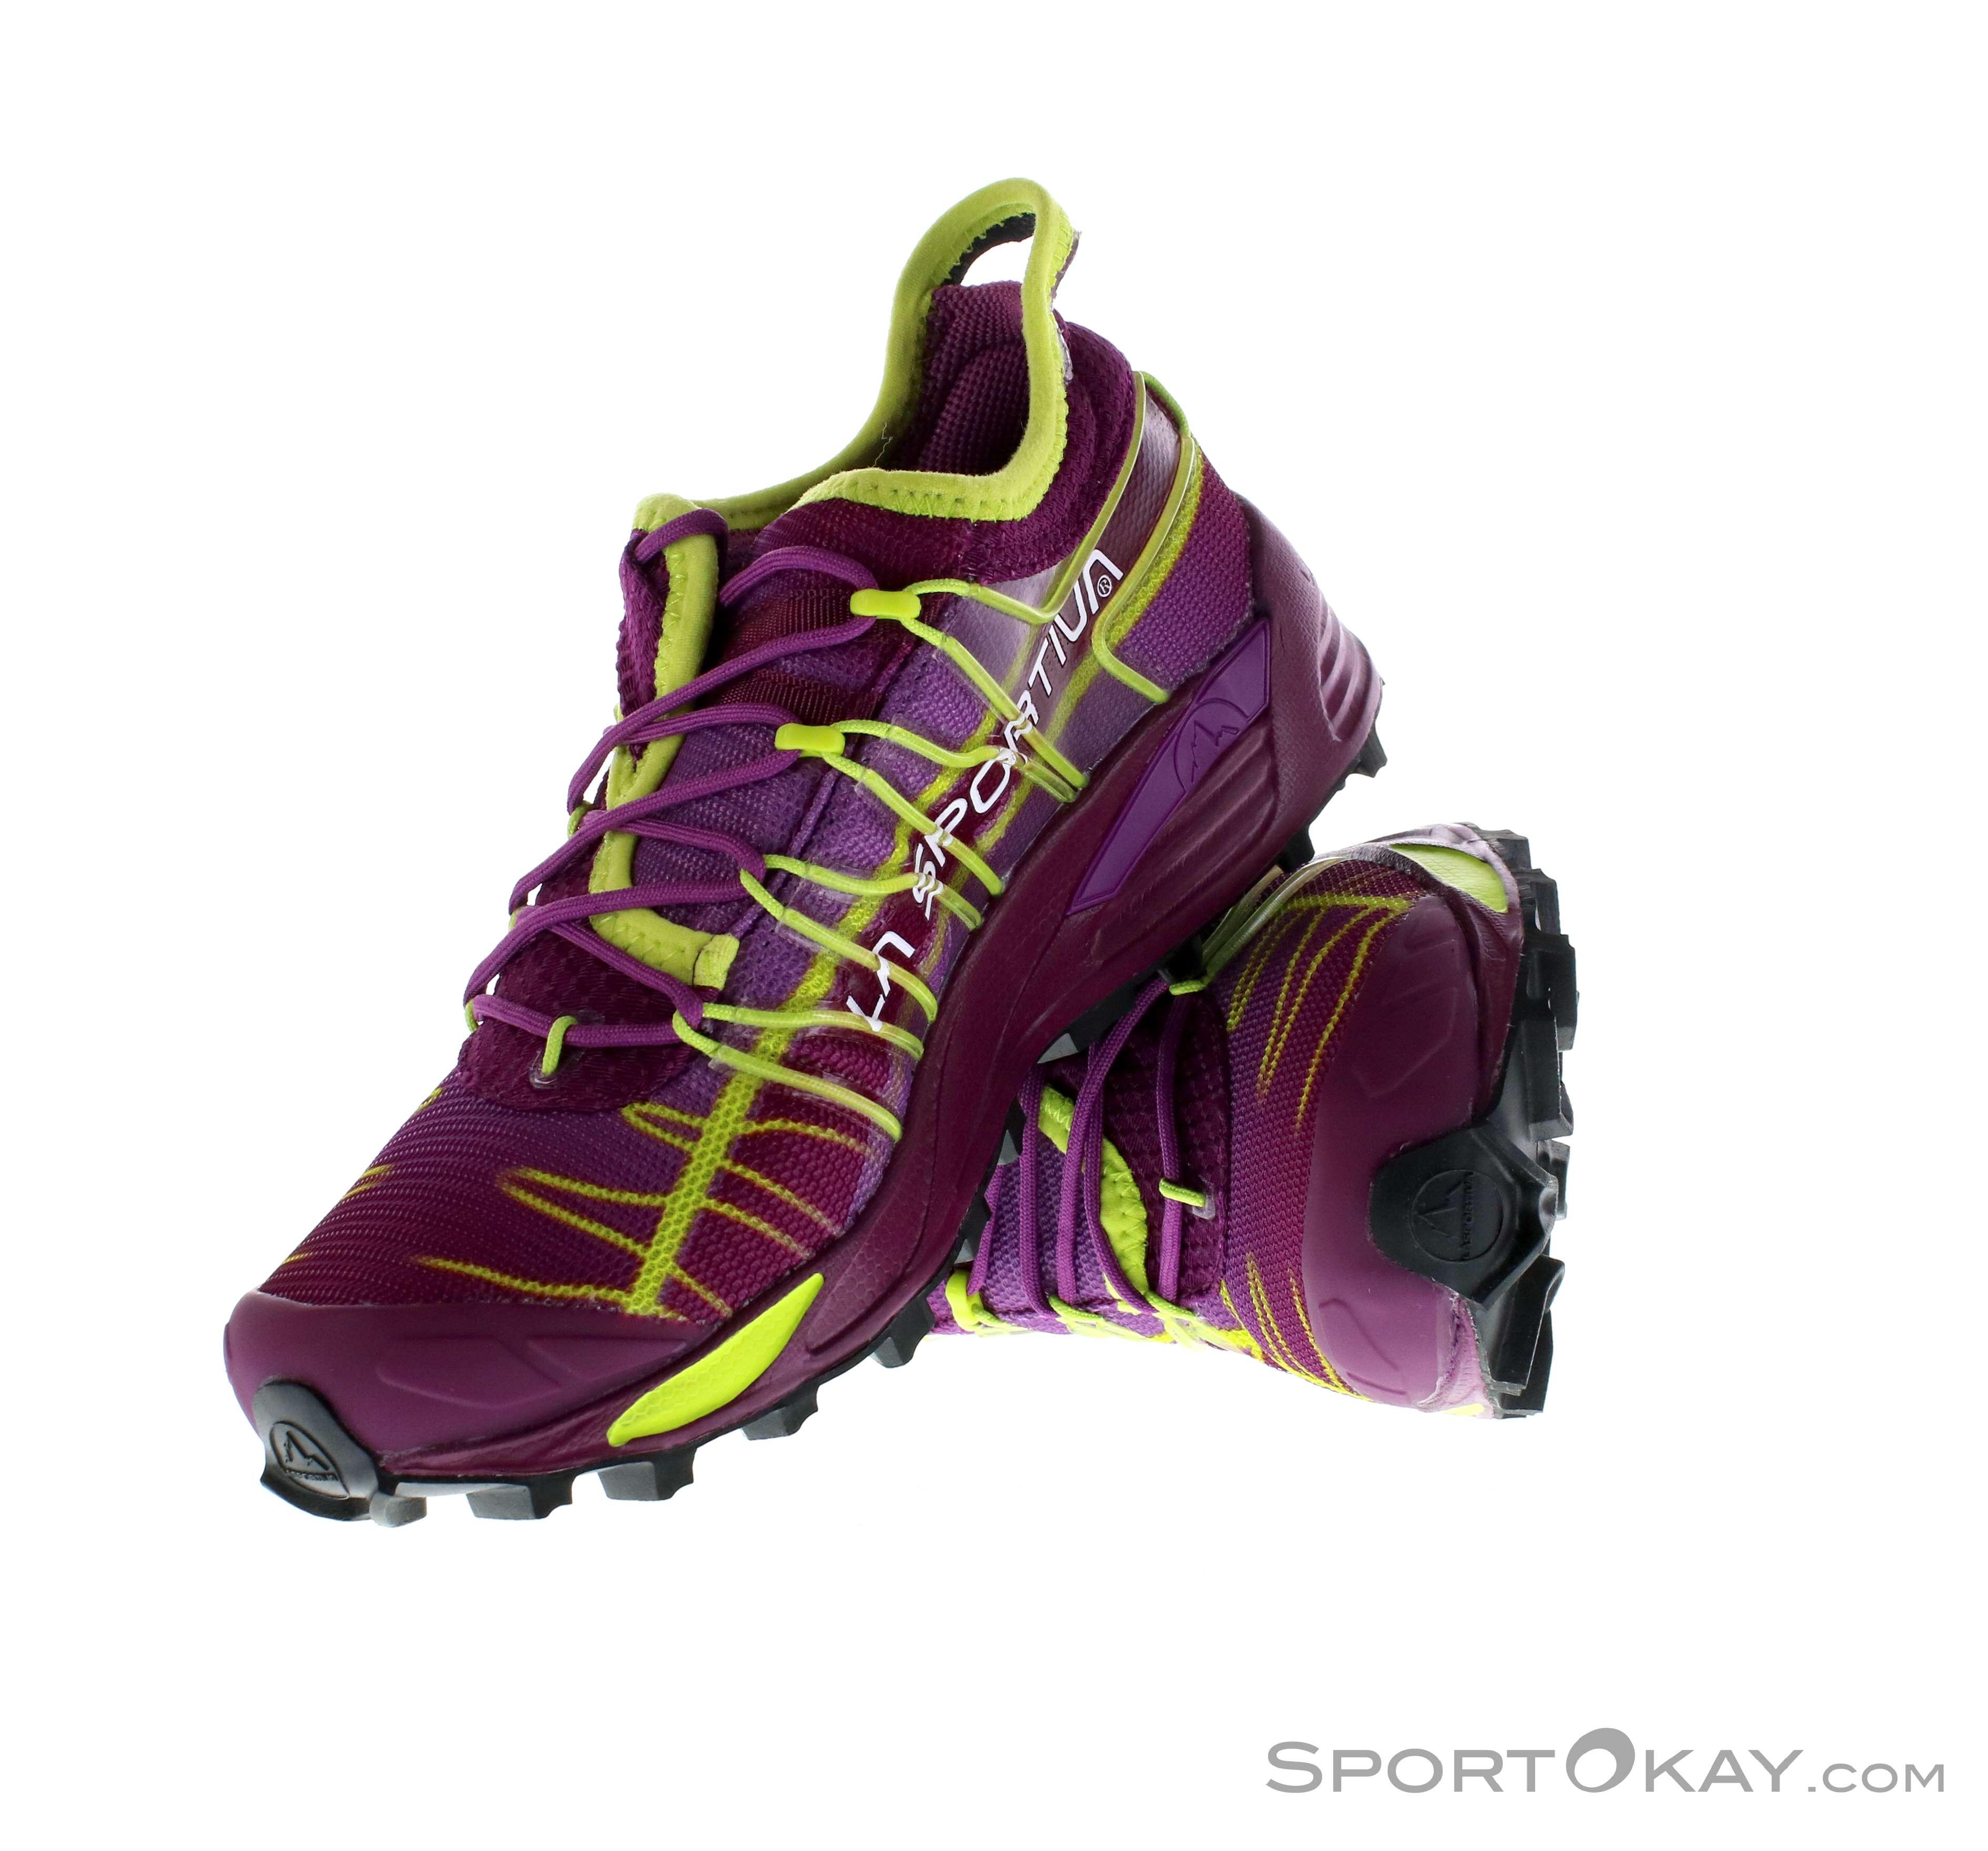 cerca le ultime piuttosto fico dettagliare La Sportiva La Sportiva Mutant Donna Scarpe da Trail Running